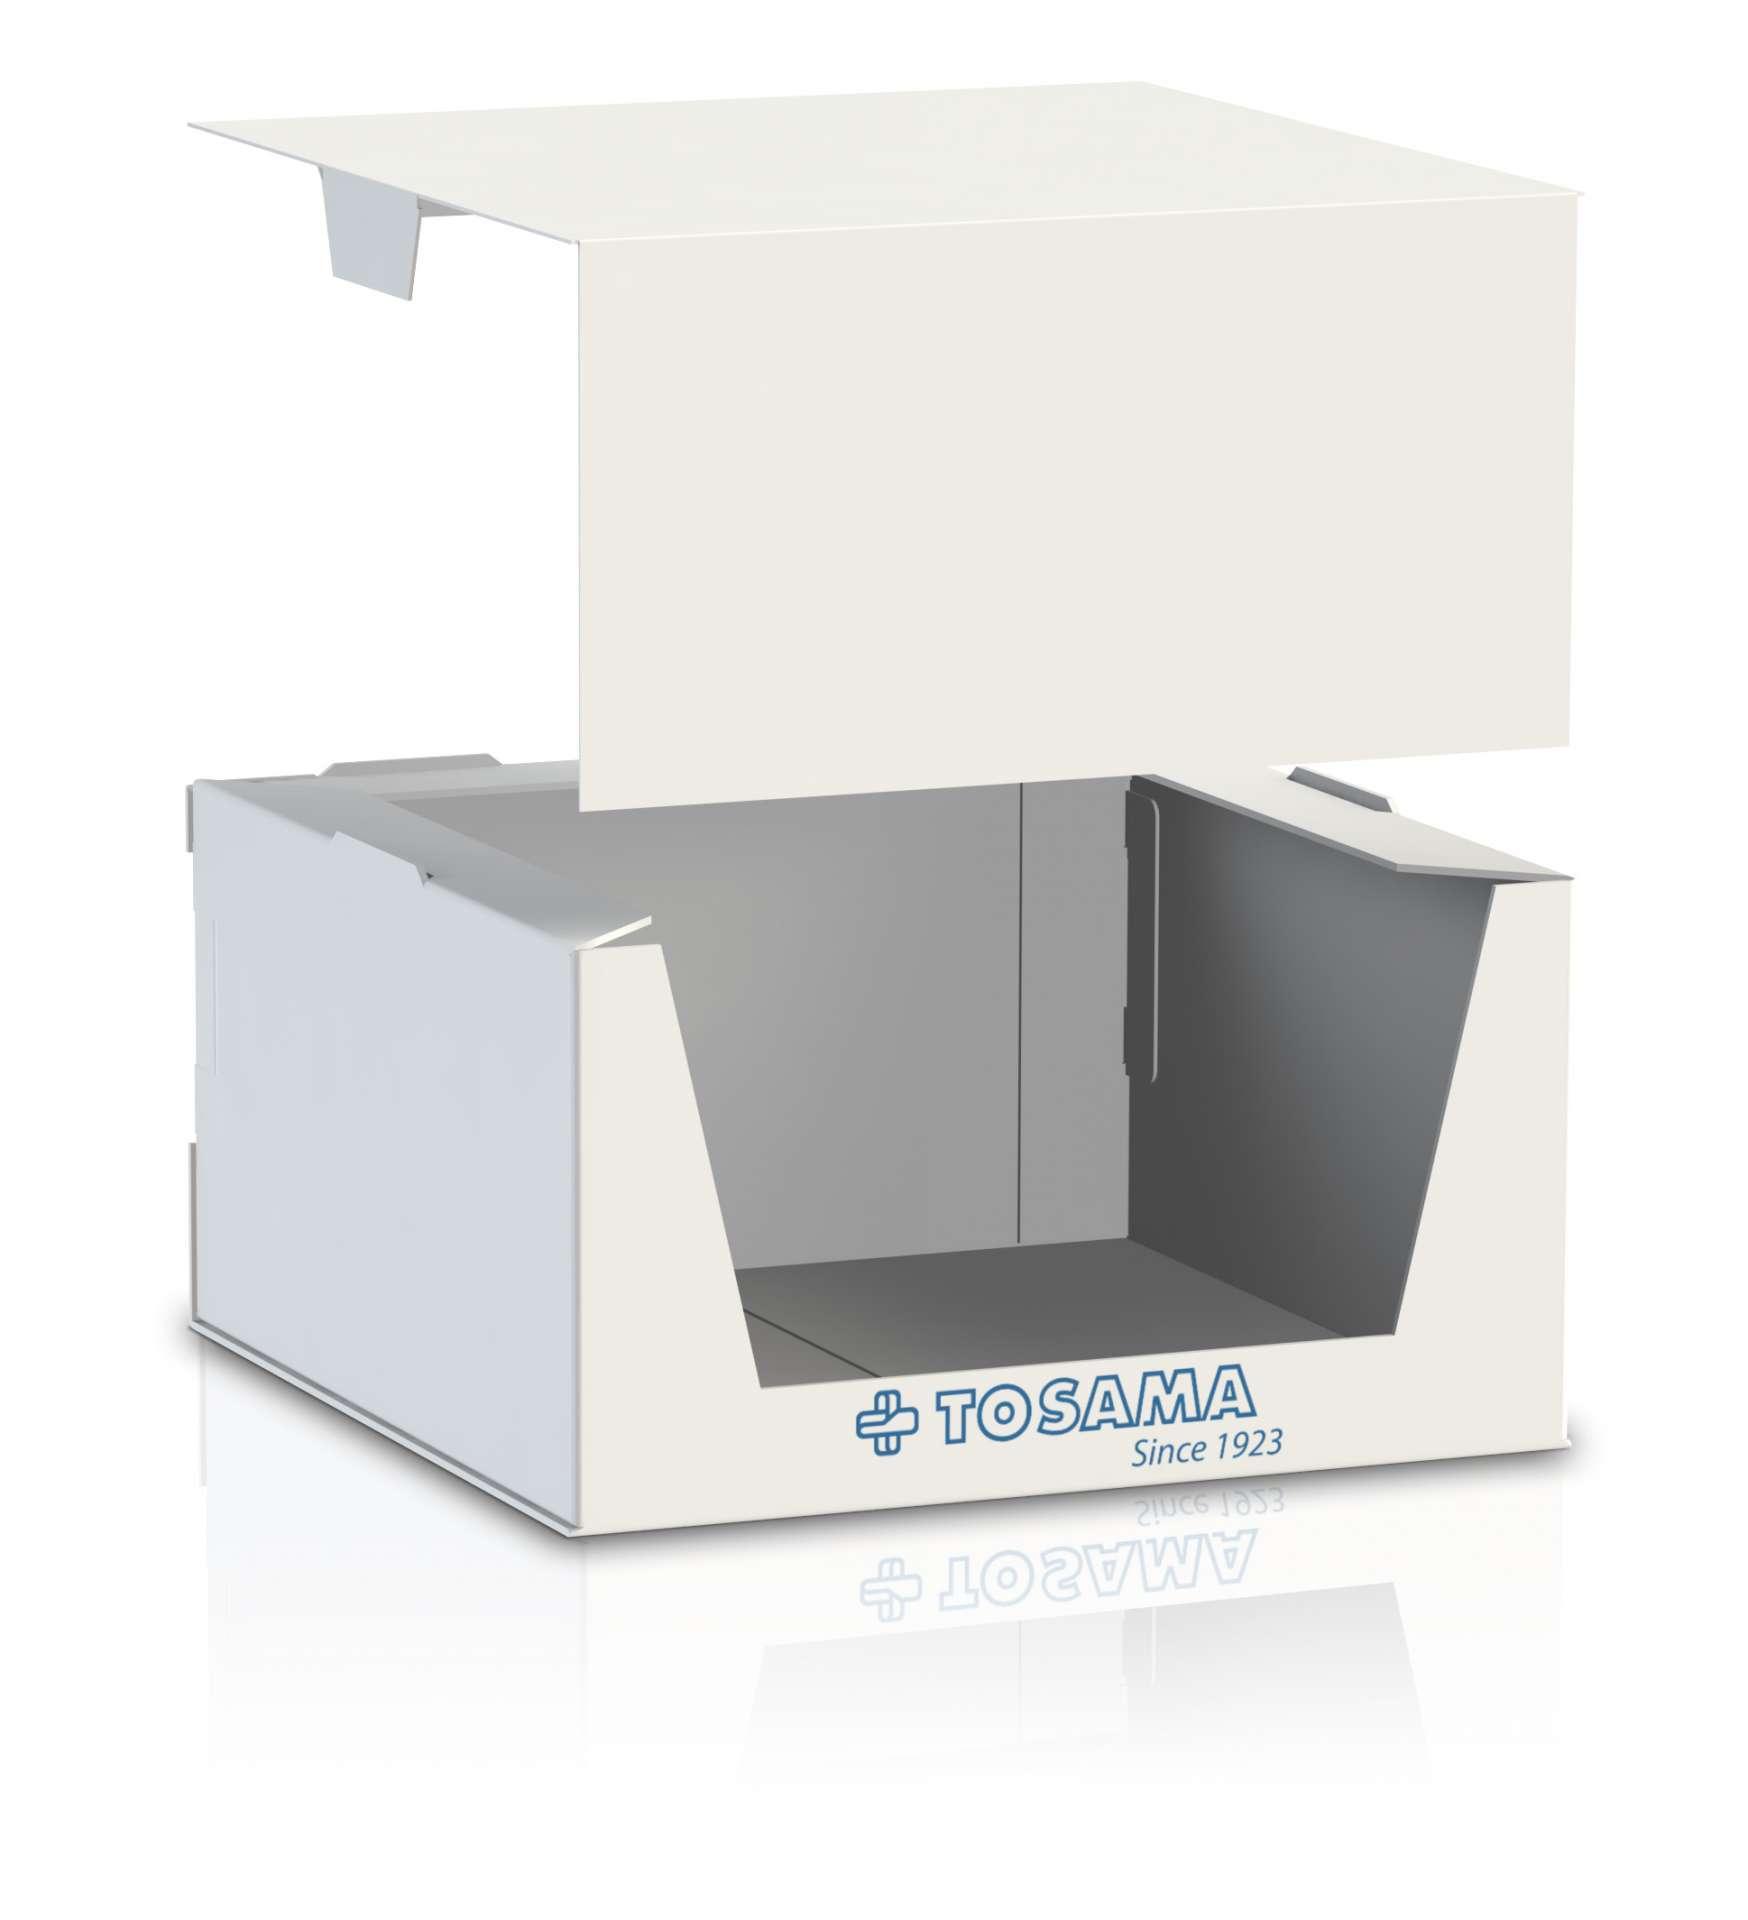 Shelf ready kutija Tosama